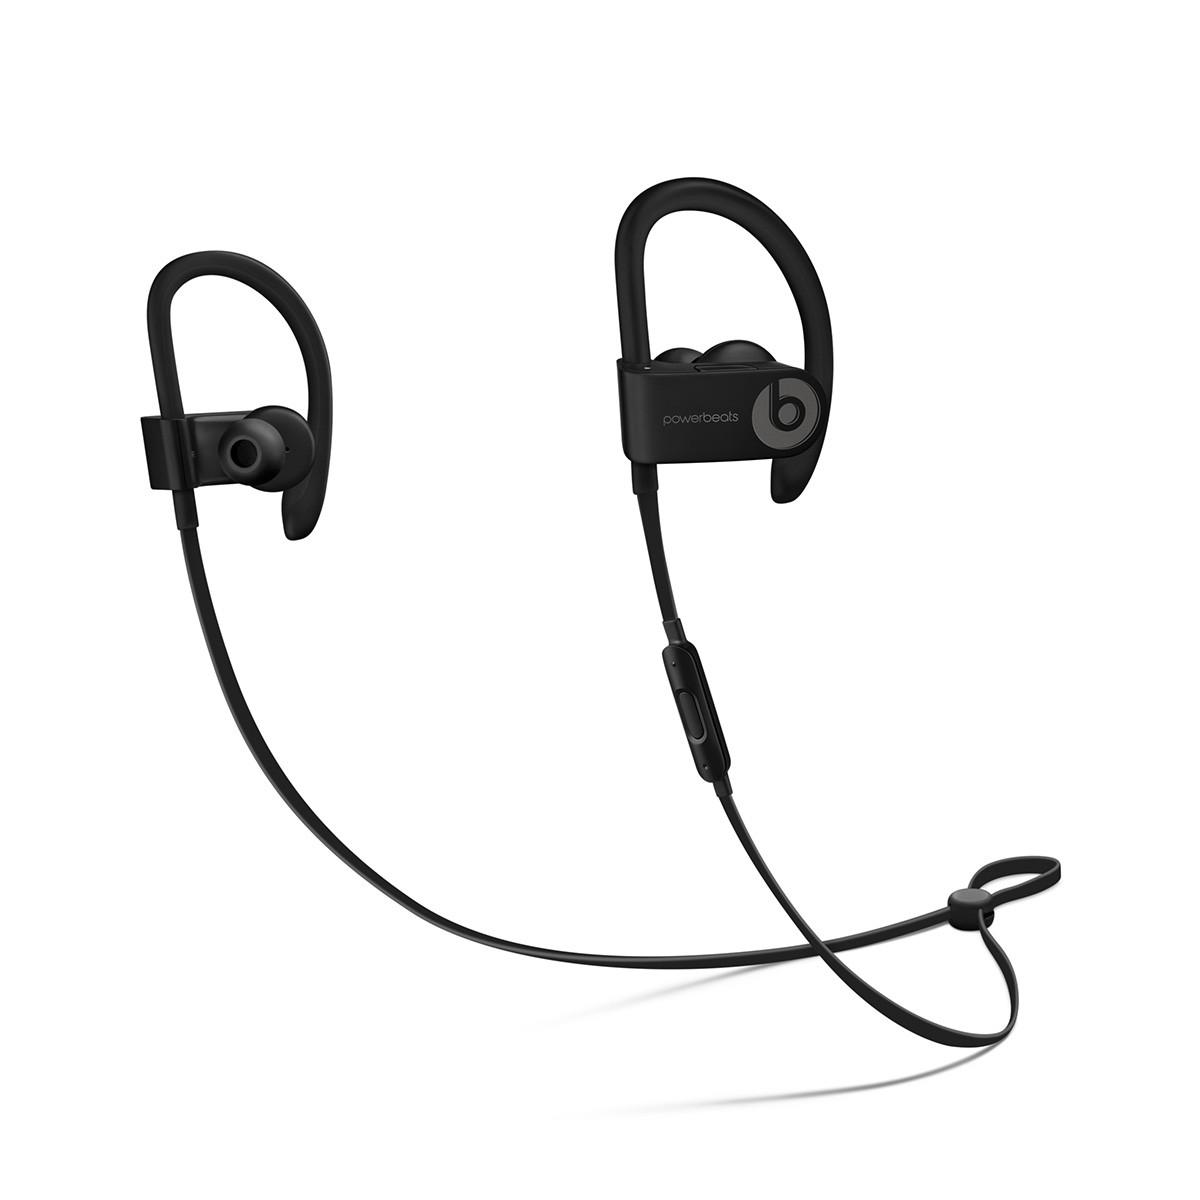 Beats Powerbeats3 Wireless bezdrátová sluchátka do uší černá